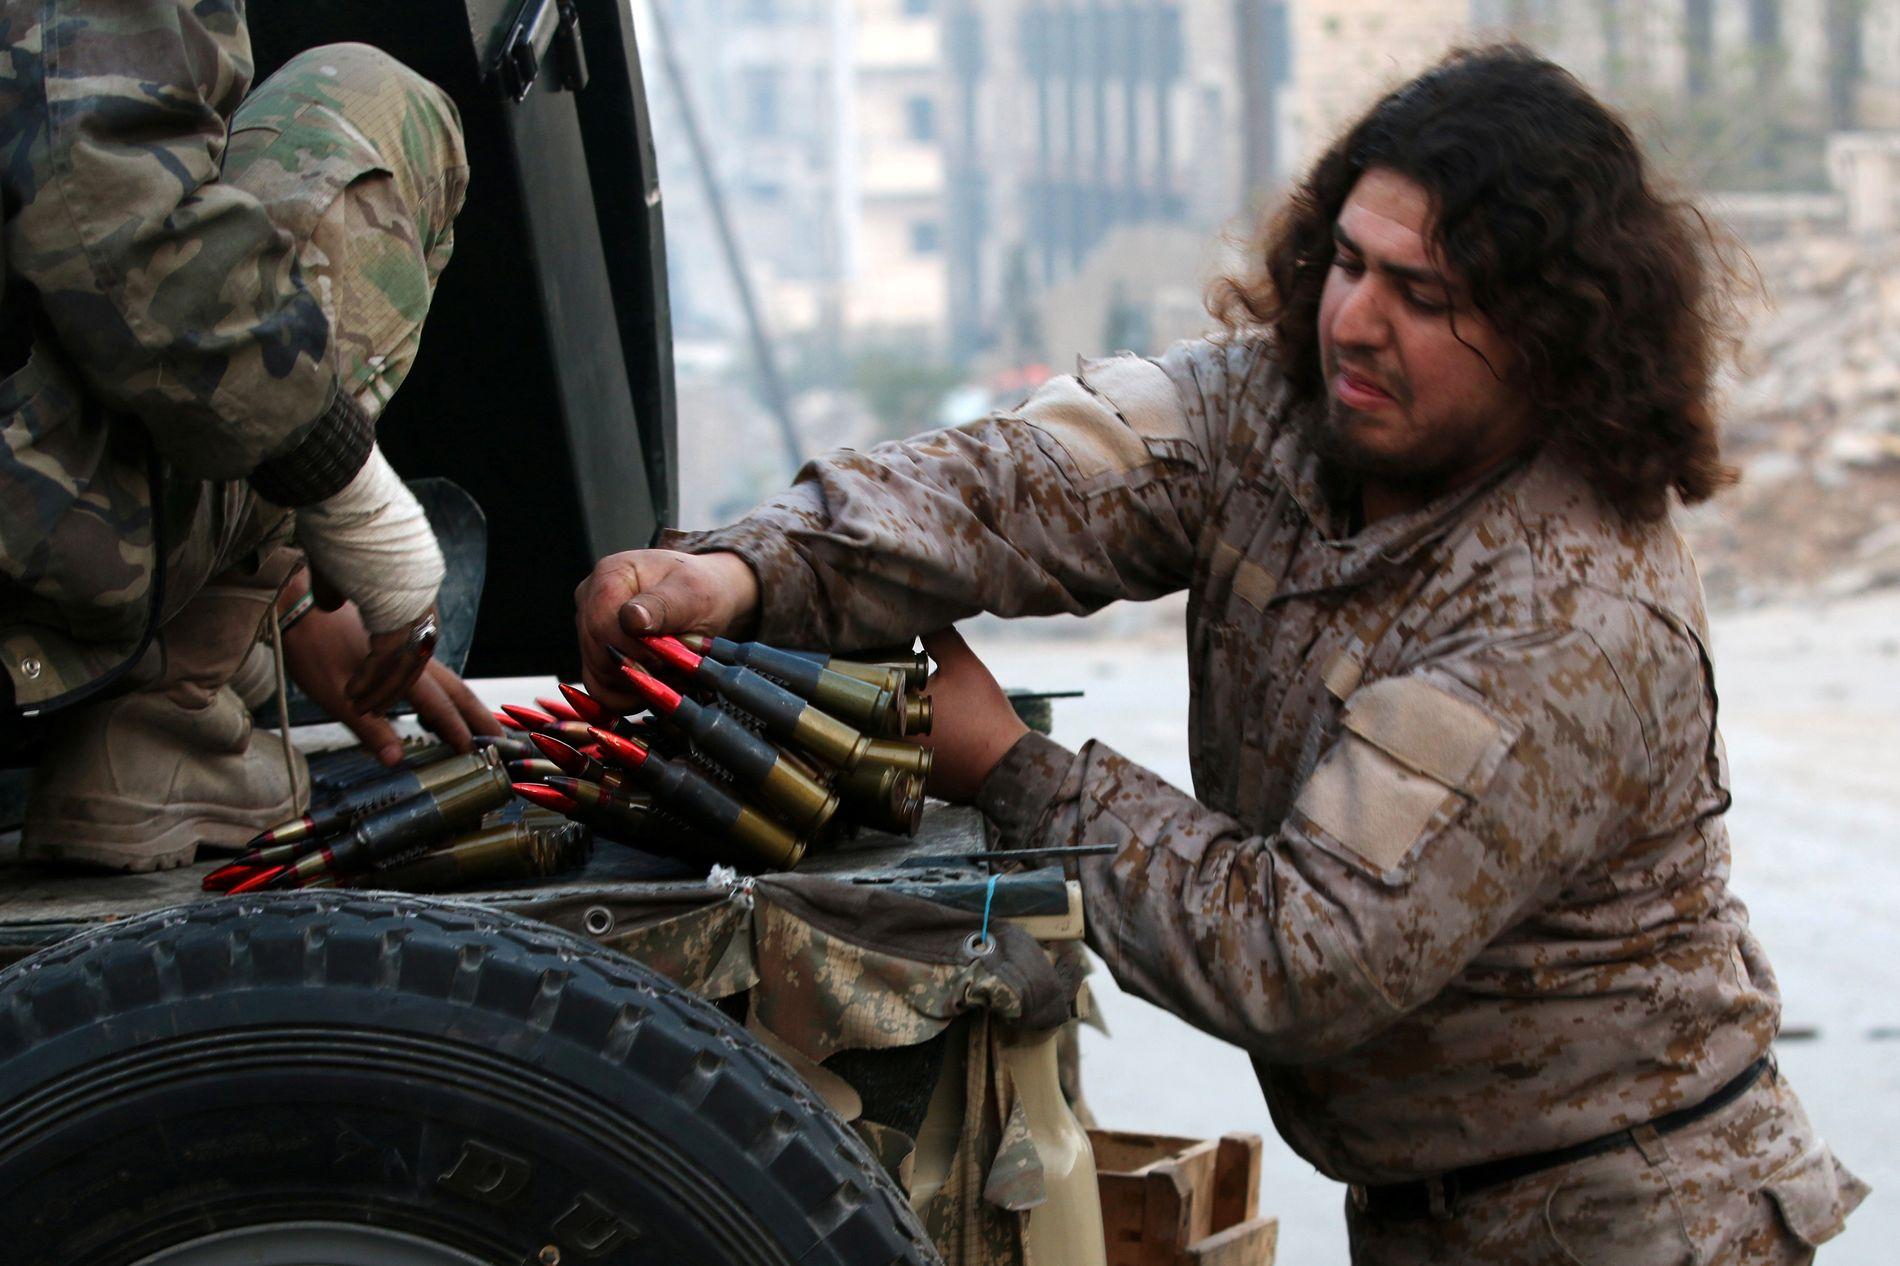 STÅR IMOT: En soldat fra Den frie syriske hær laster ammunisjon i et nabolag som kontrolleres av opprørerne. Bildet ble tatt mandag denne uken.